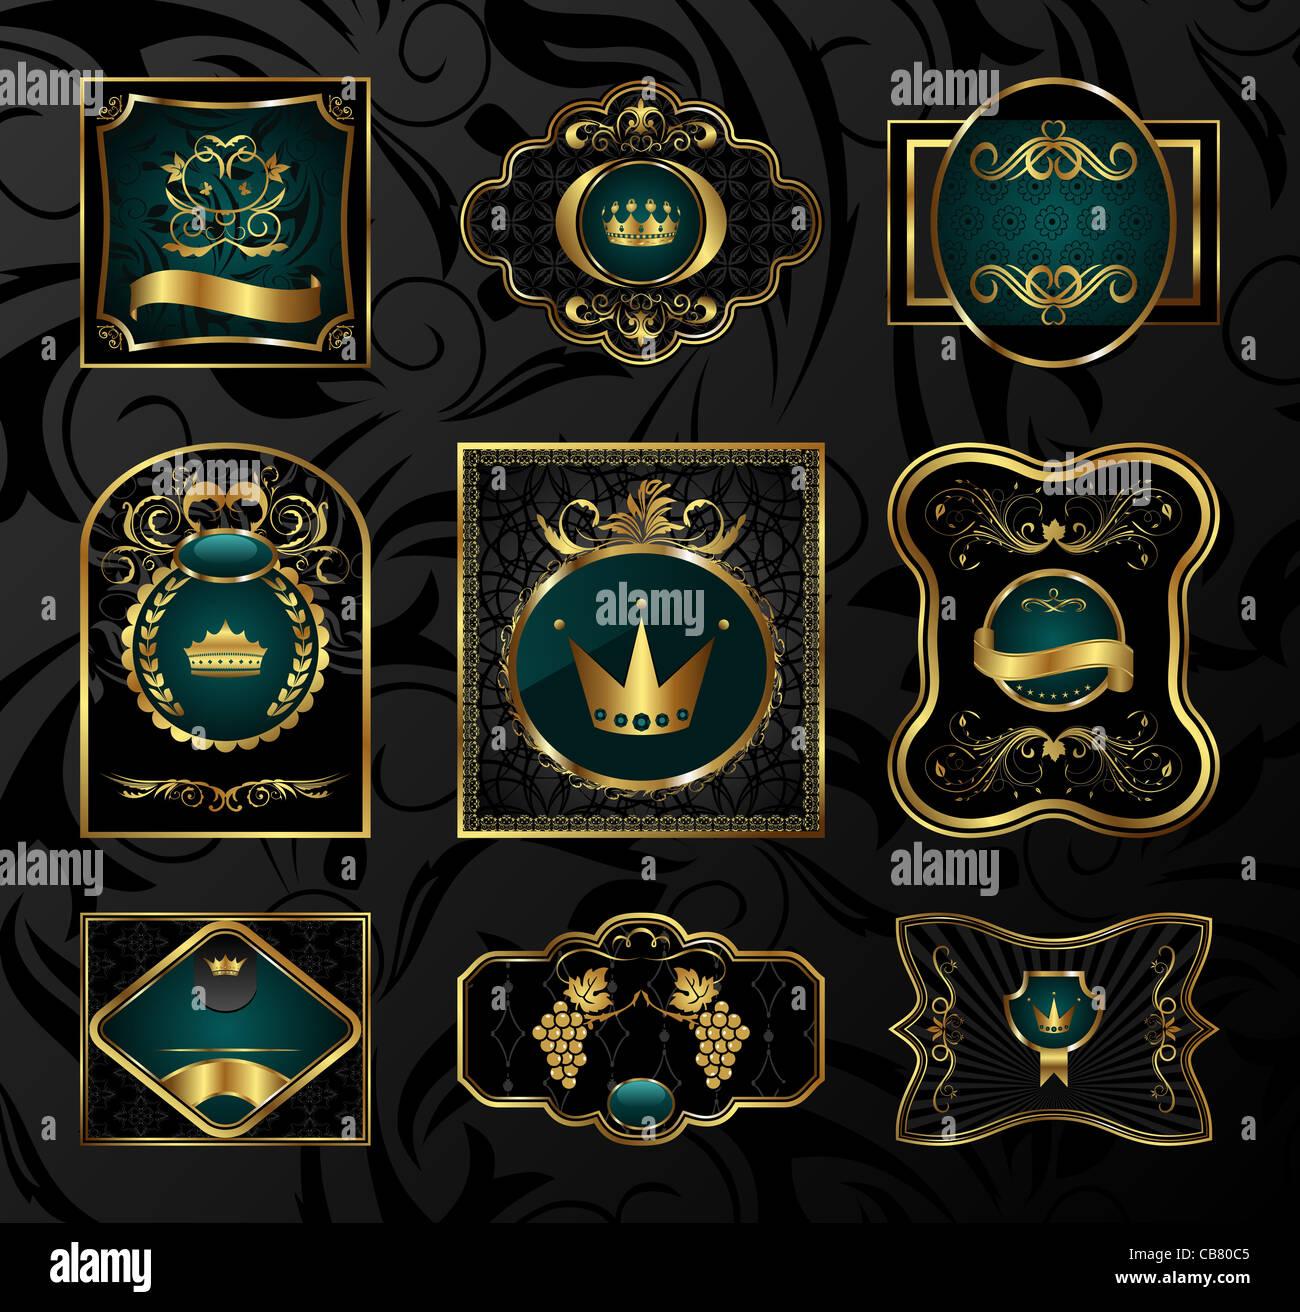 Illustration set golden frames labels with heraldic shield, crown ...